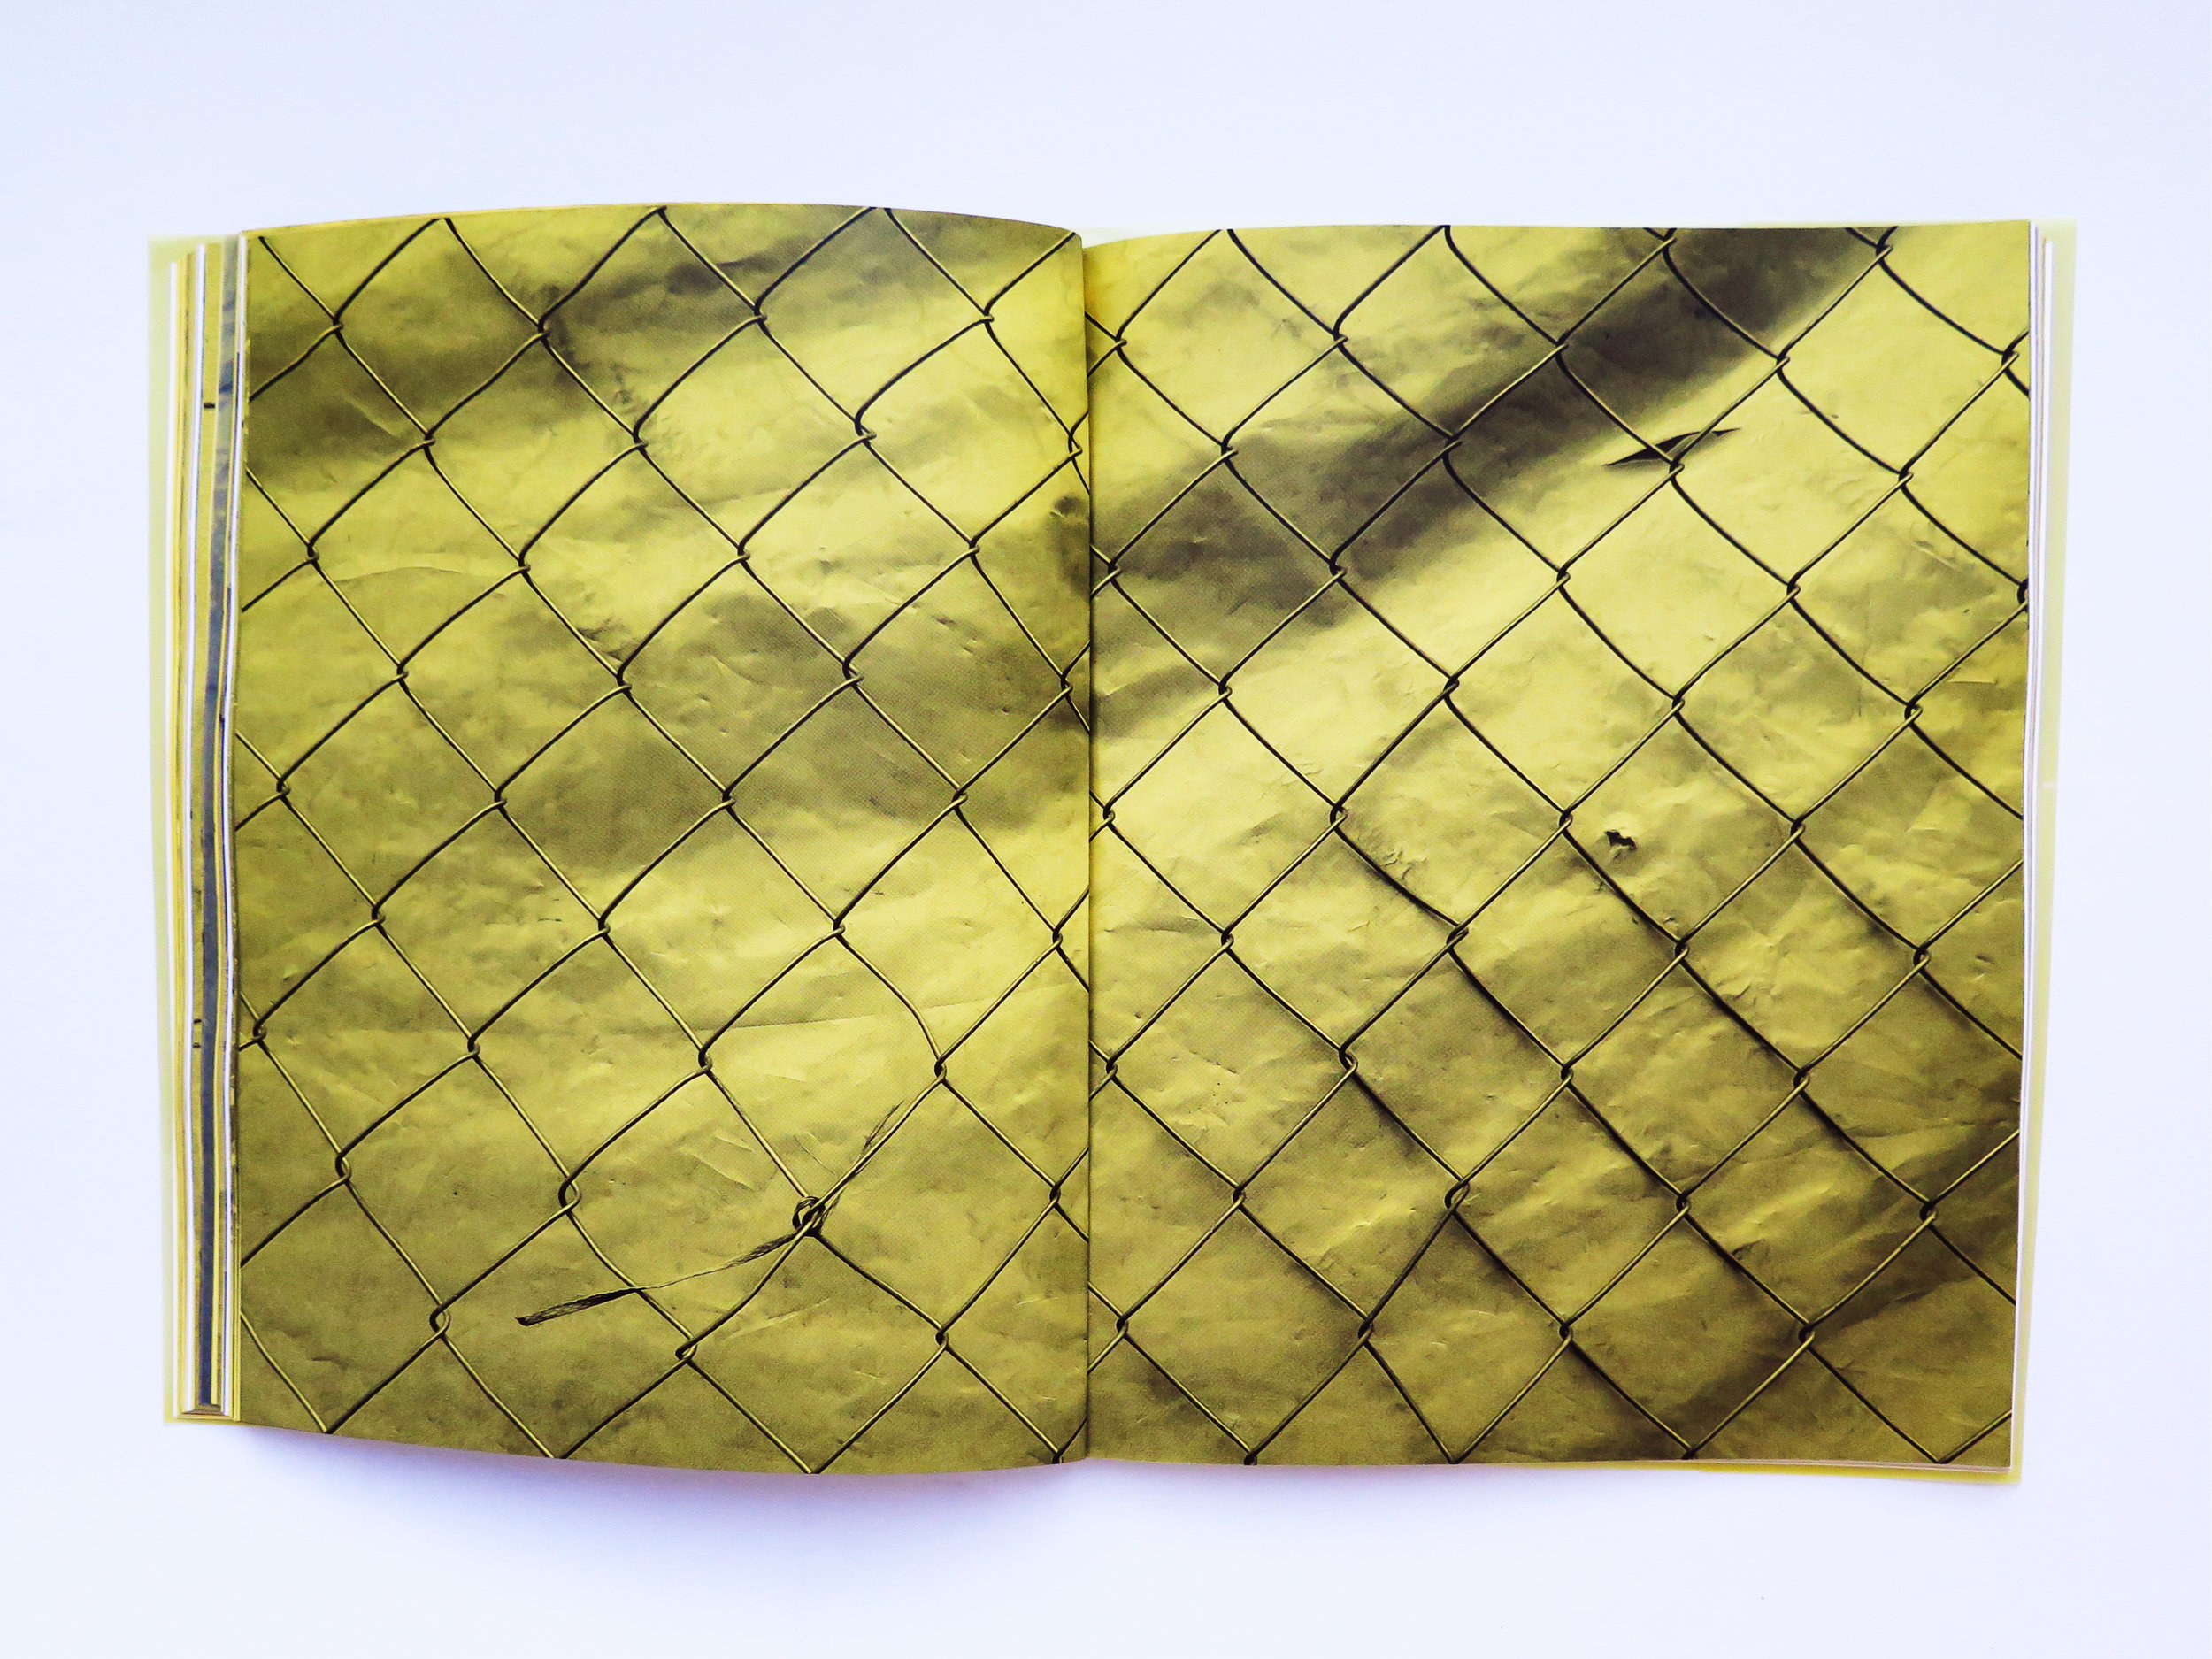 Mano Penalva, Paginas amarillas, foto dentro1-2.jpg